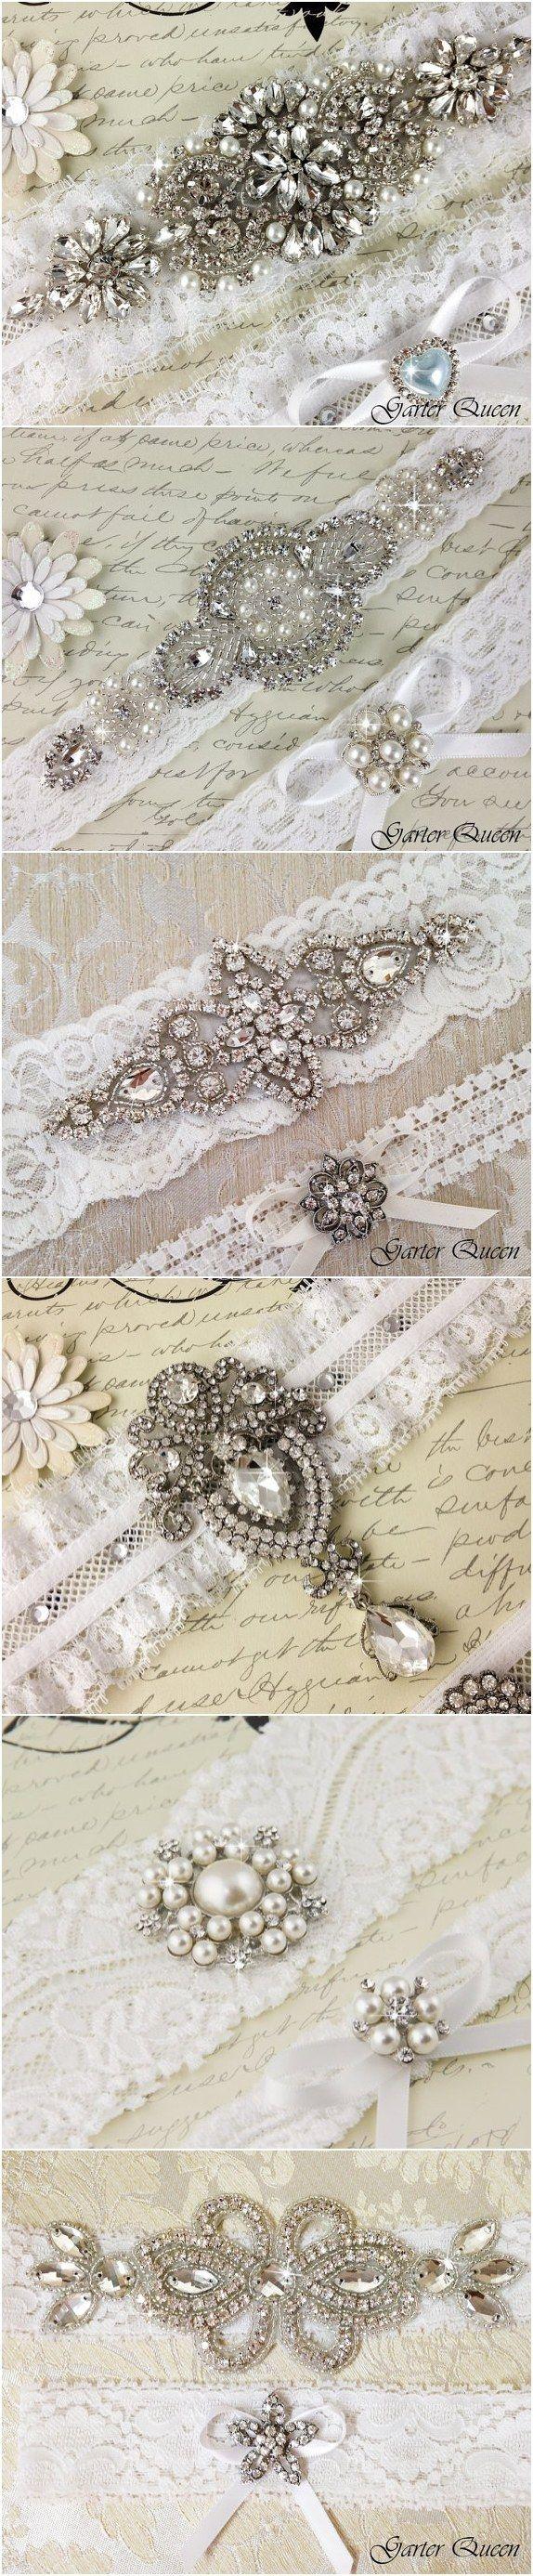 Ivory Lace Wedding Garter Sets | Deer Pearl Flowers